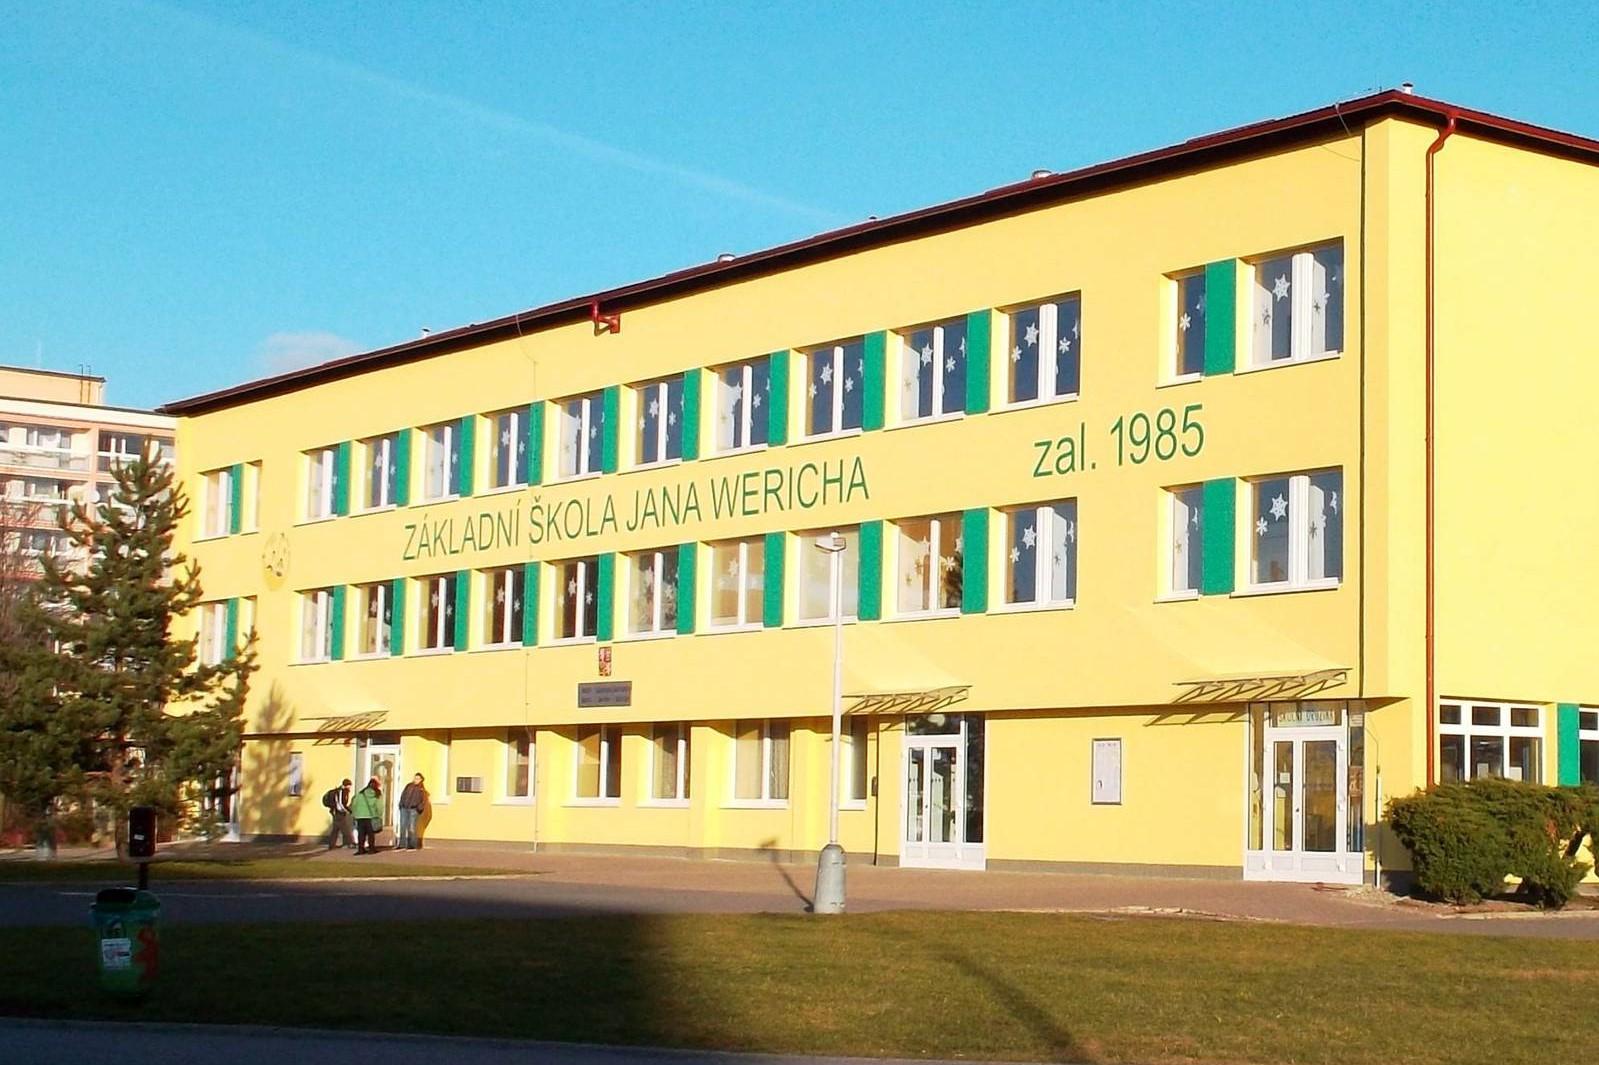 Výuka pro žáky se speciálními vzdělávacími potřebami Praha 6